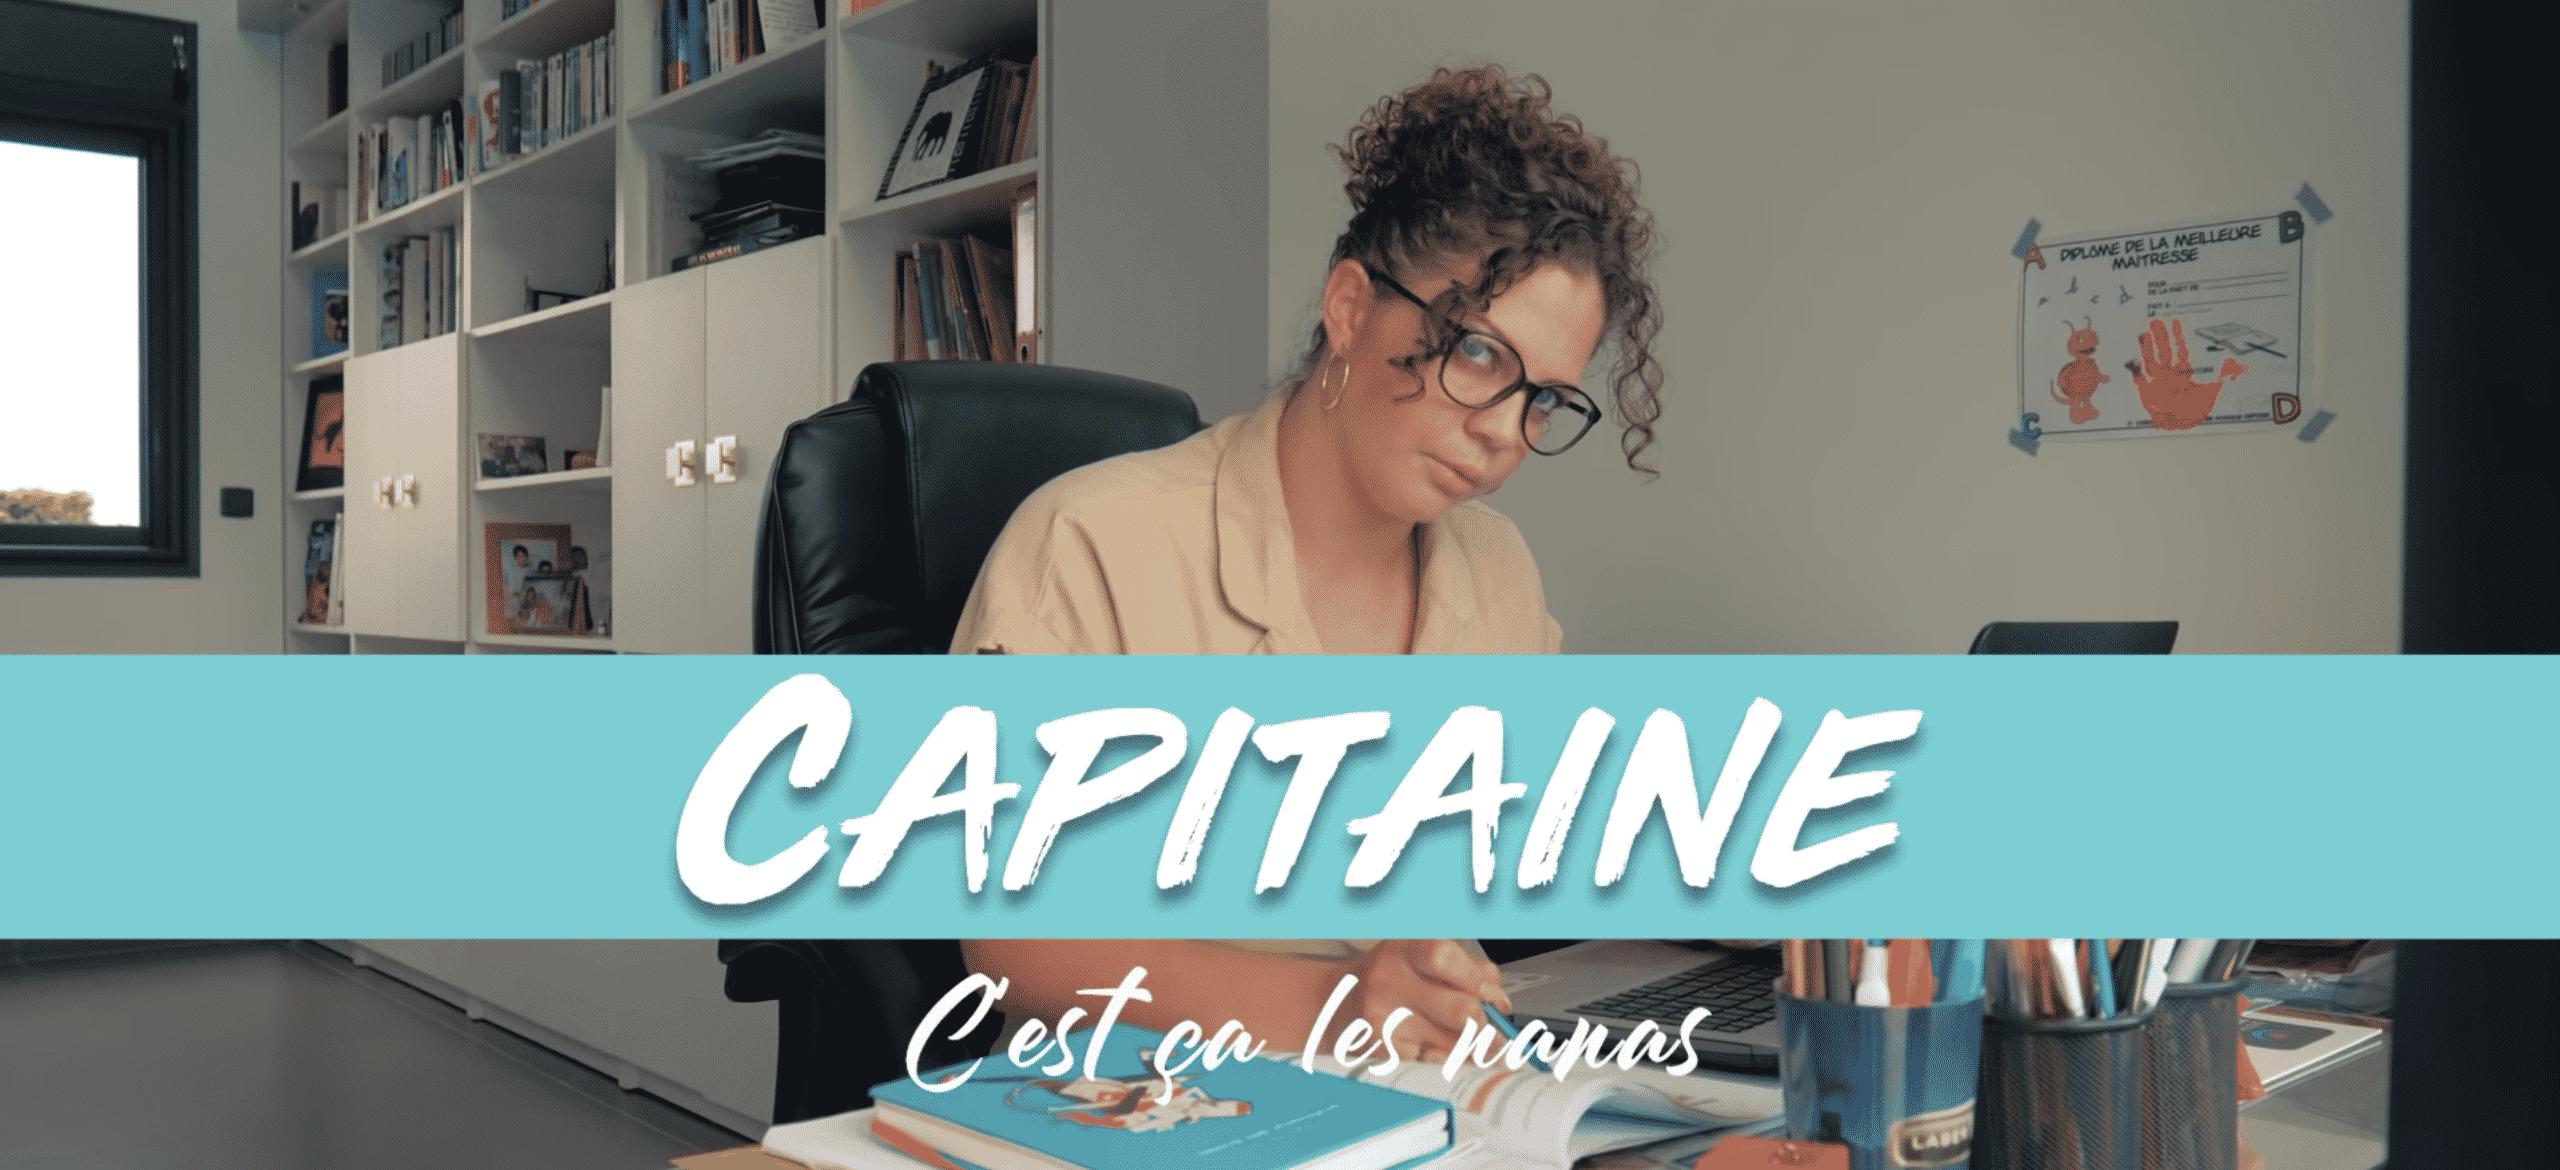 """Capitaine et Dj Noox parlent de la jalousie des femmes sur """"C'est ça les nanas"""""""